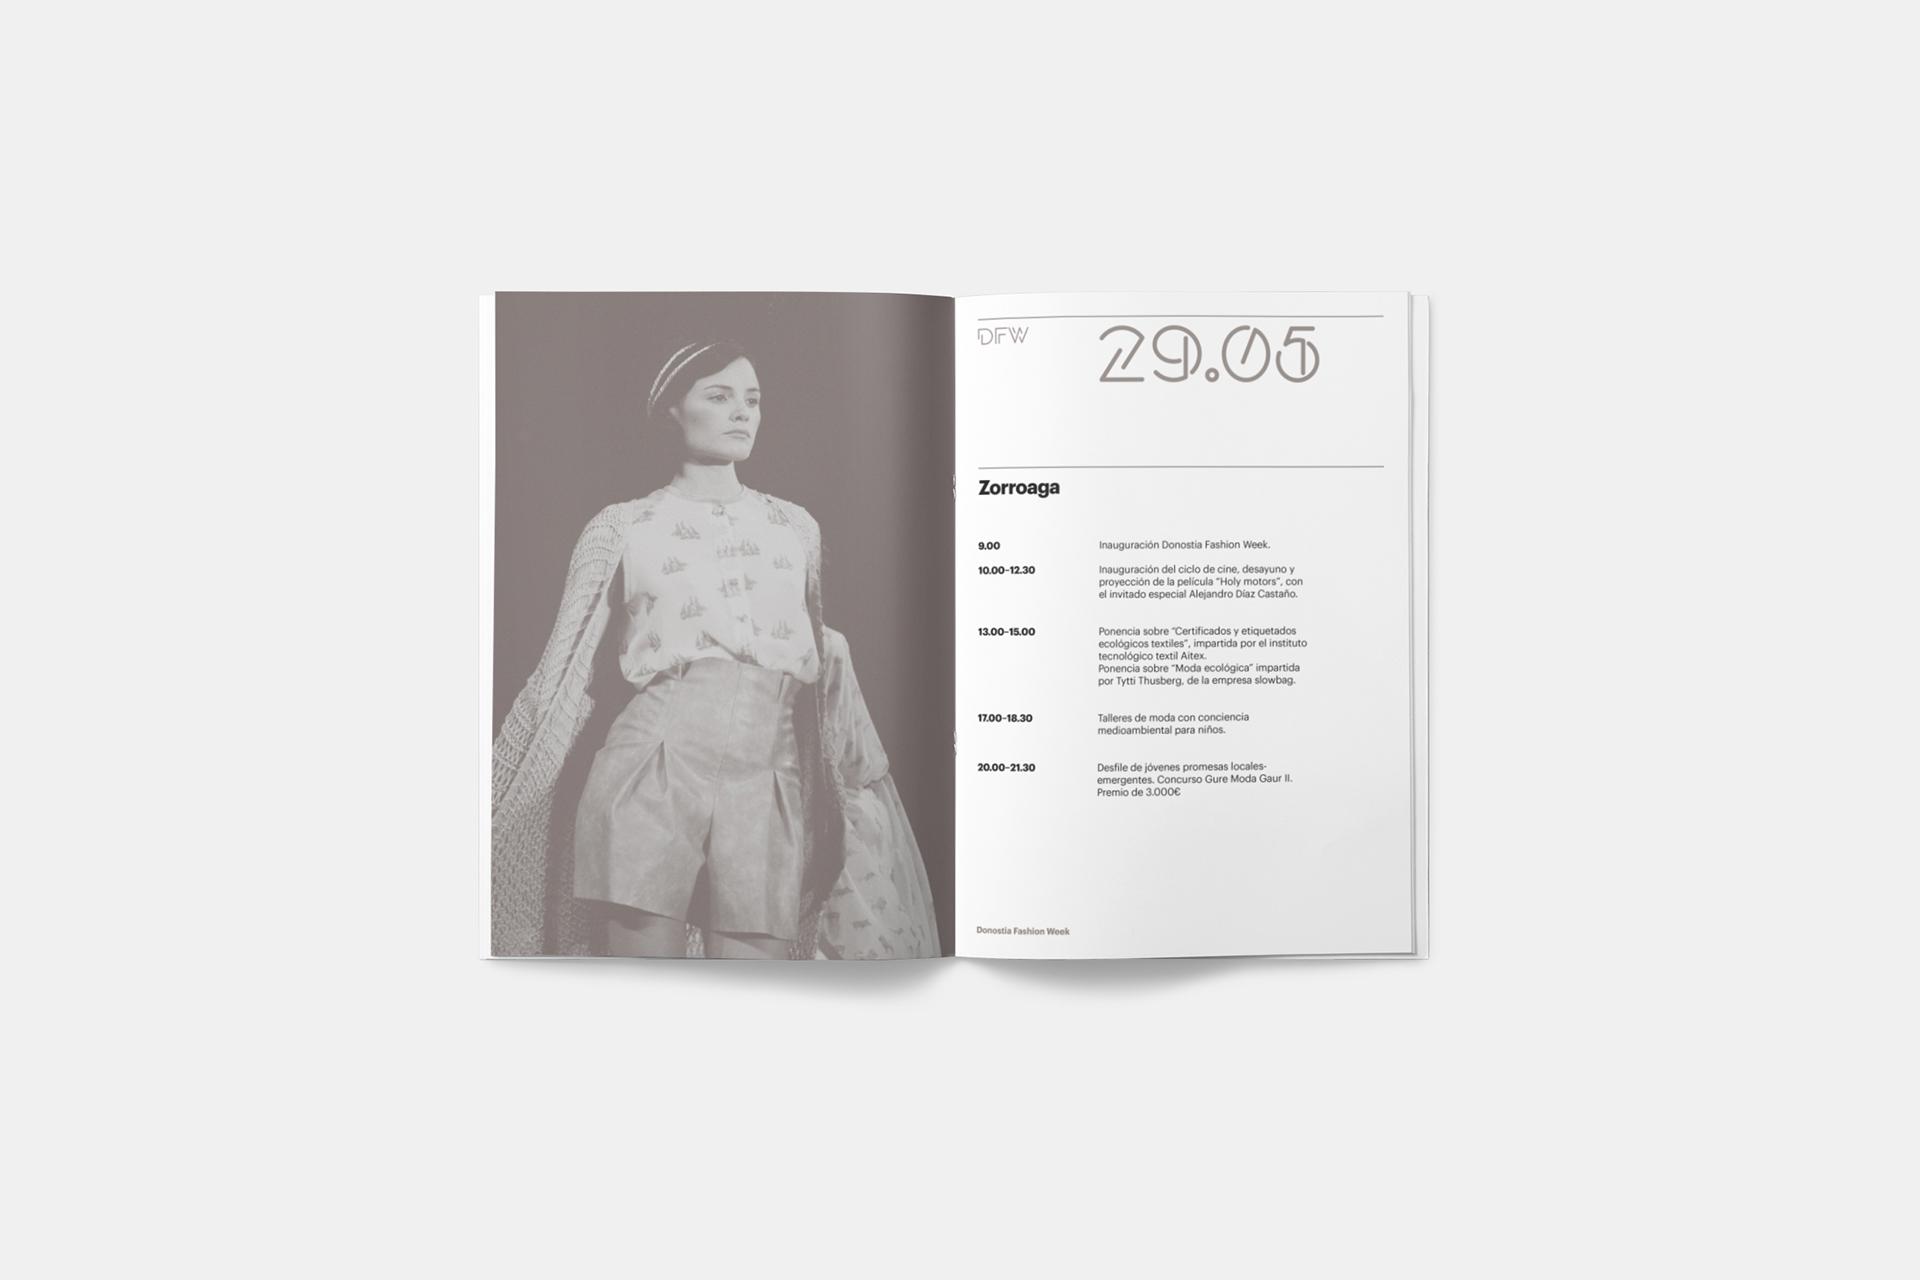 Fase, estudio de diseño gráfico. Identidad corporativa para Donostia Fasion Week.